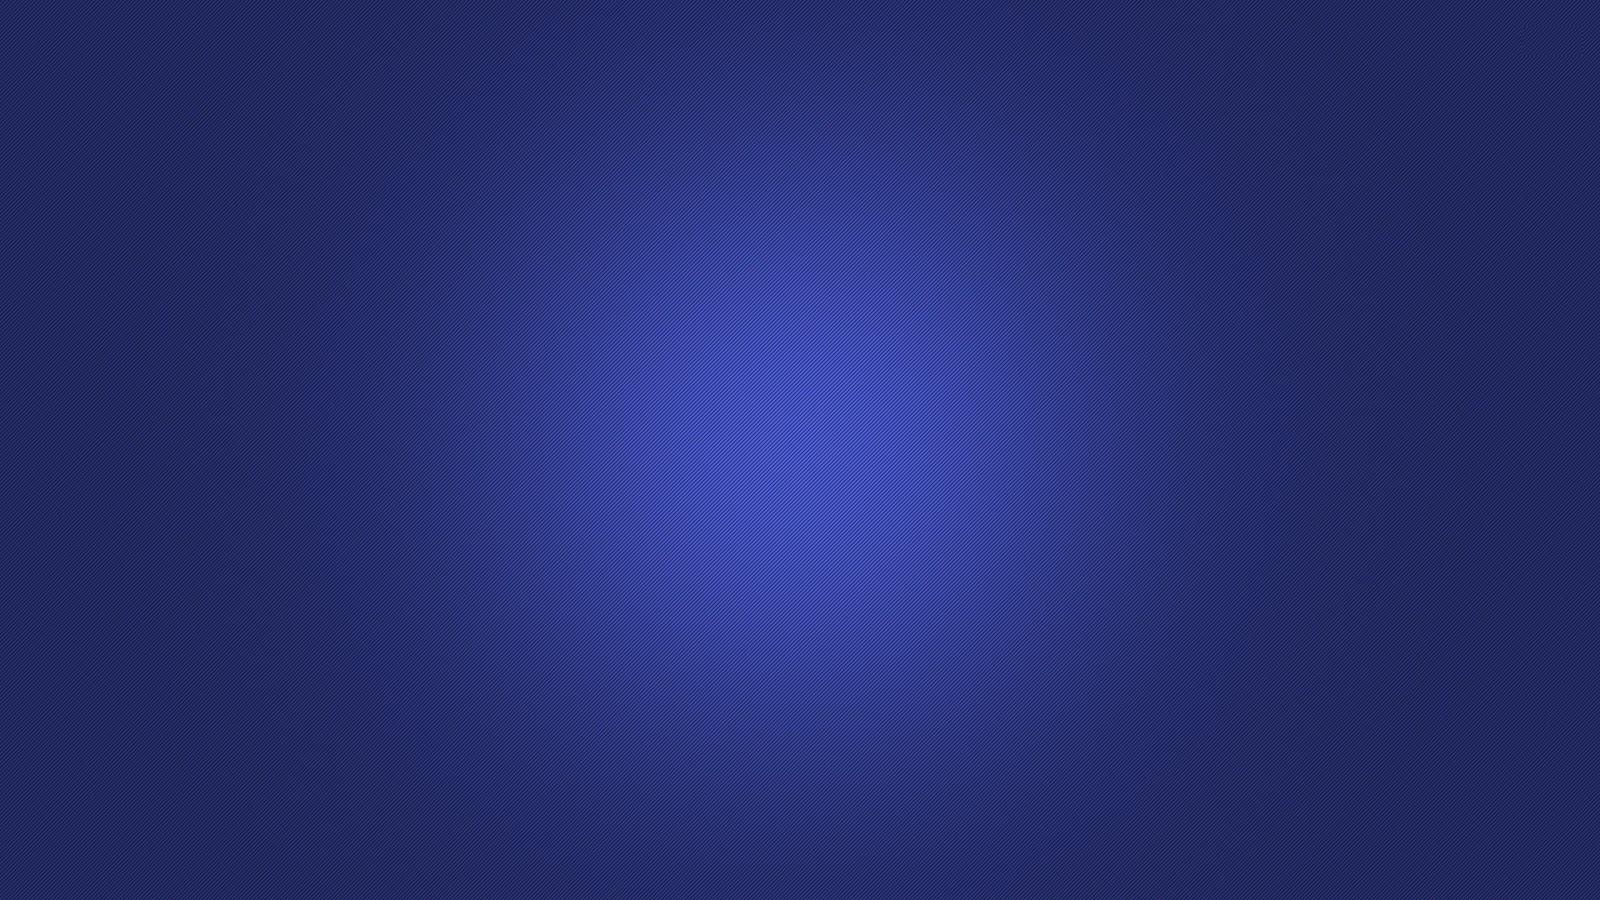 blue carbon fiber wallpaper hd backgrounds picsbrokercom